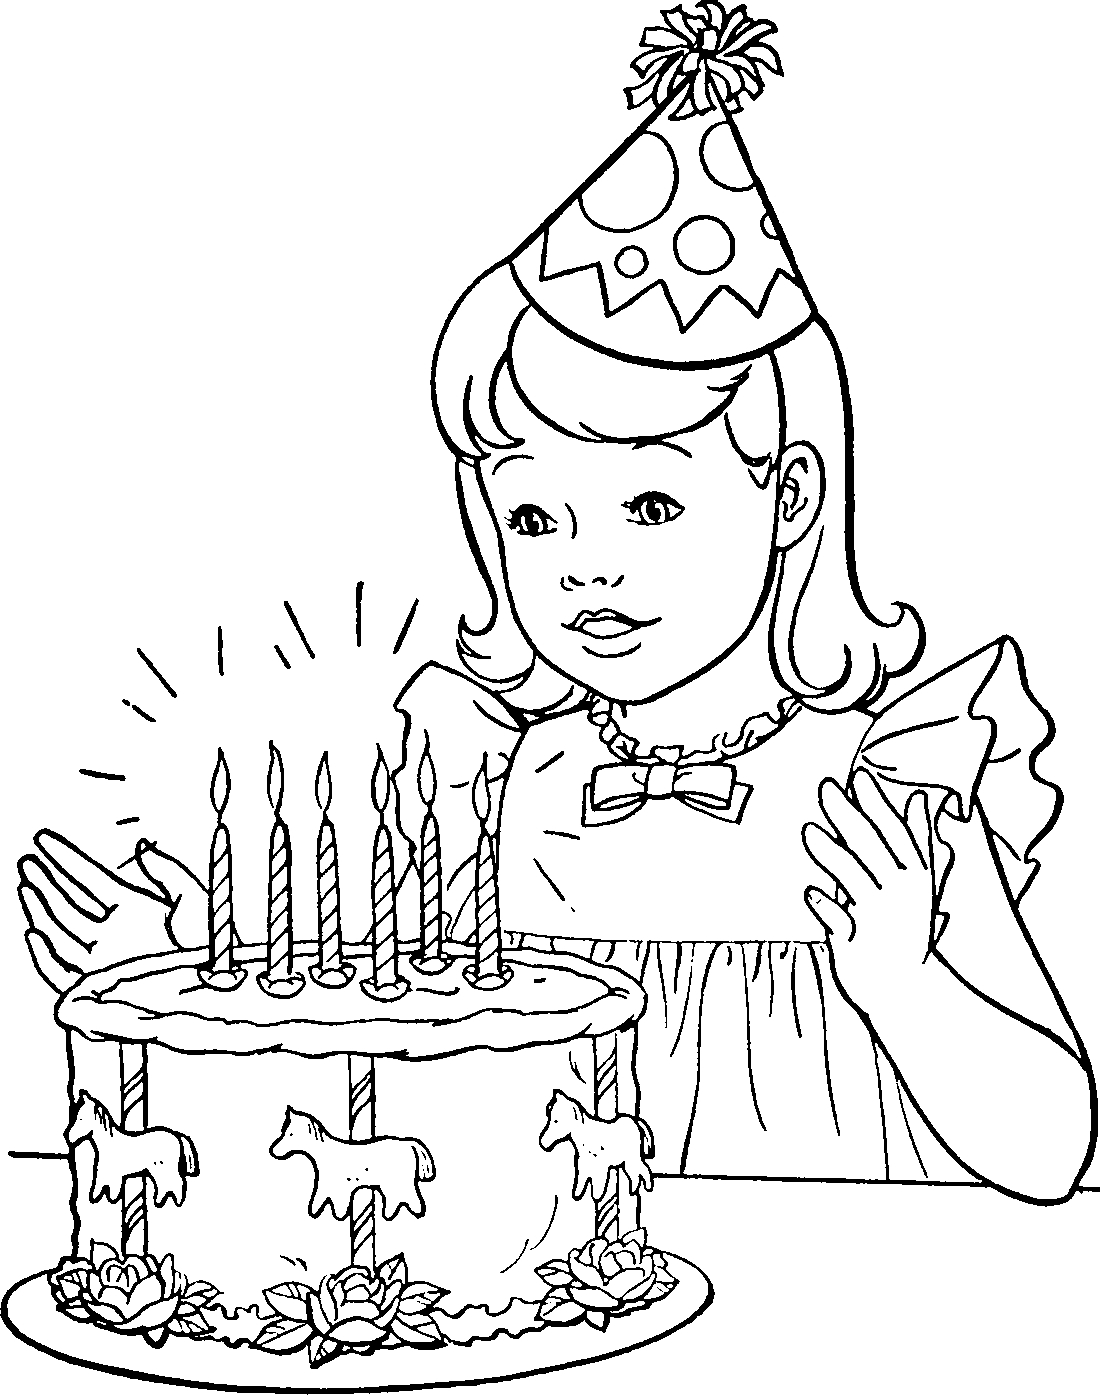 Раскраска на день рождения девочке